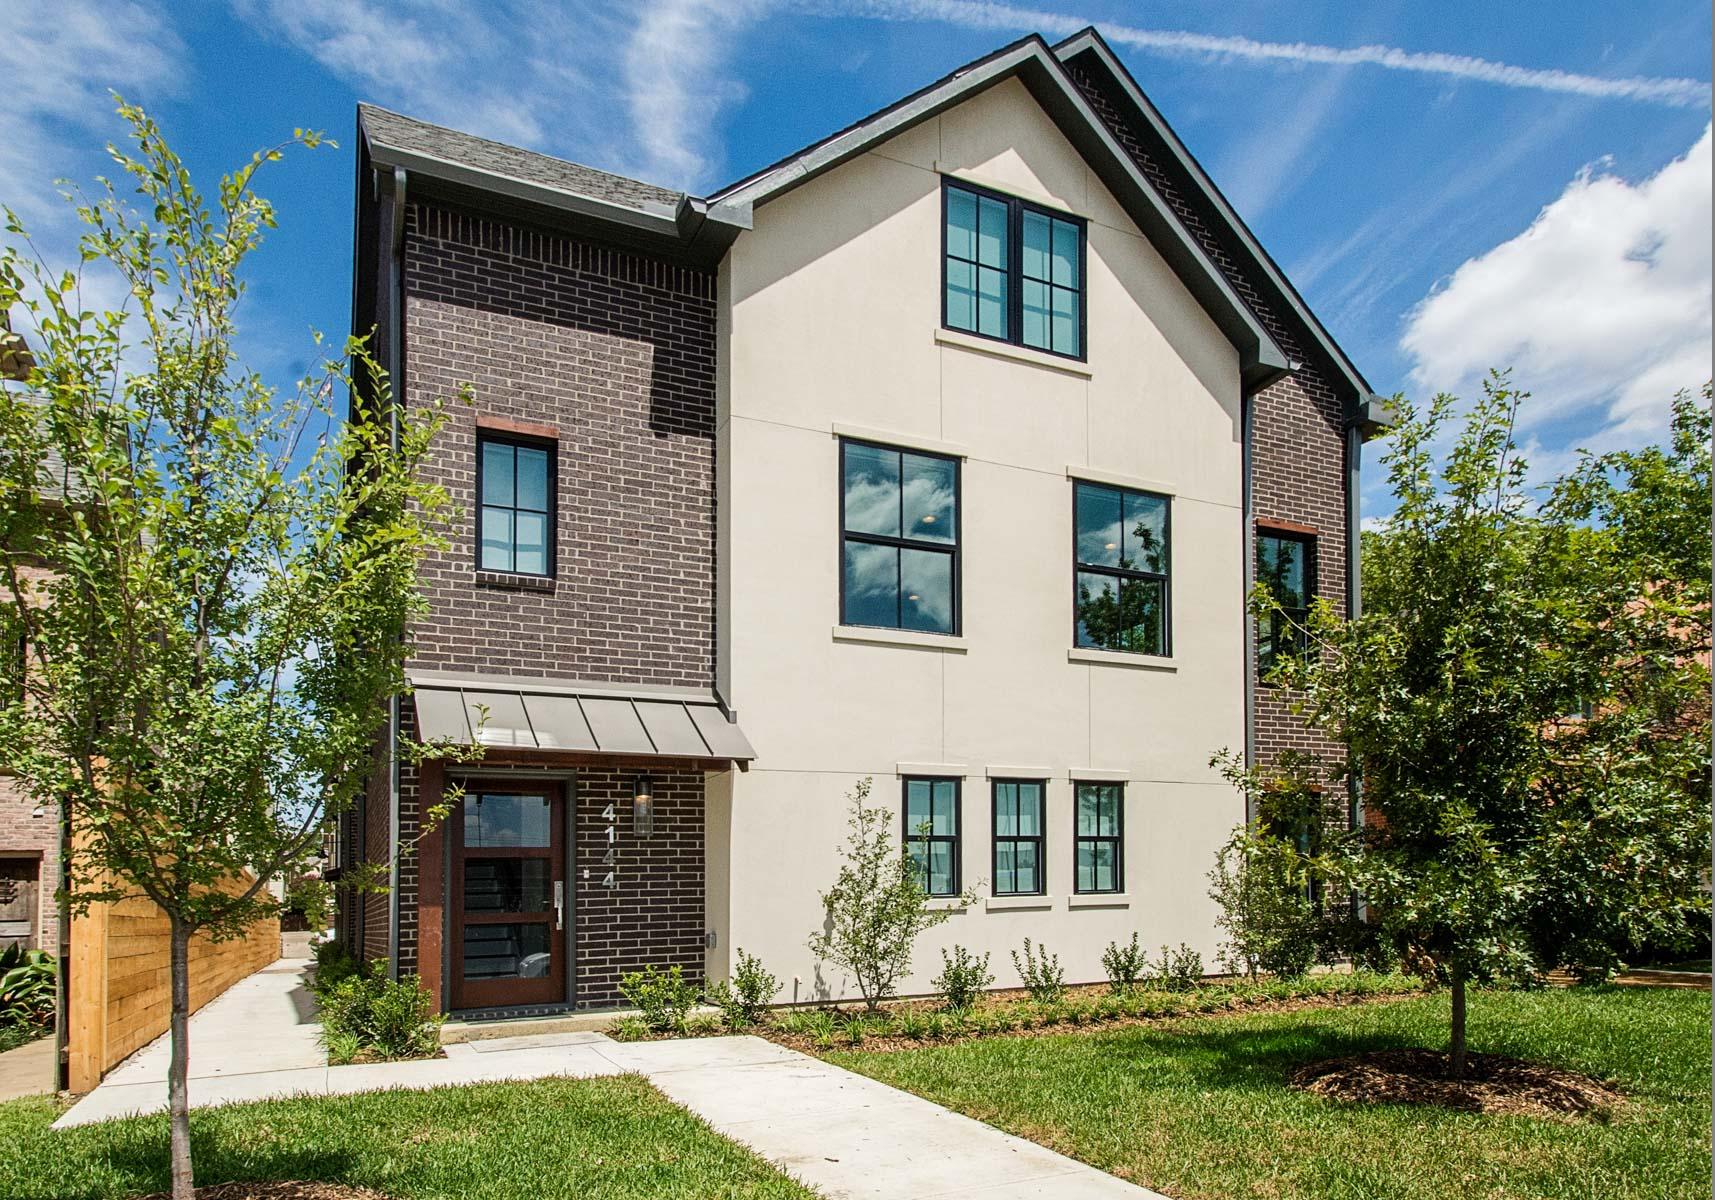 Maison unifamiliale pour l Vente à Contemporary University Park Townhomes 4144 Druid Ln 2 Dallas, Texas, 75205 États-Unis